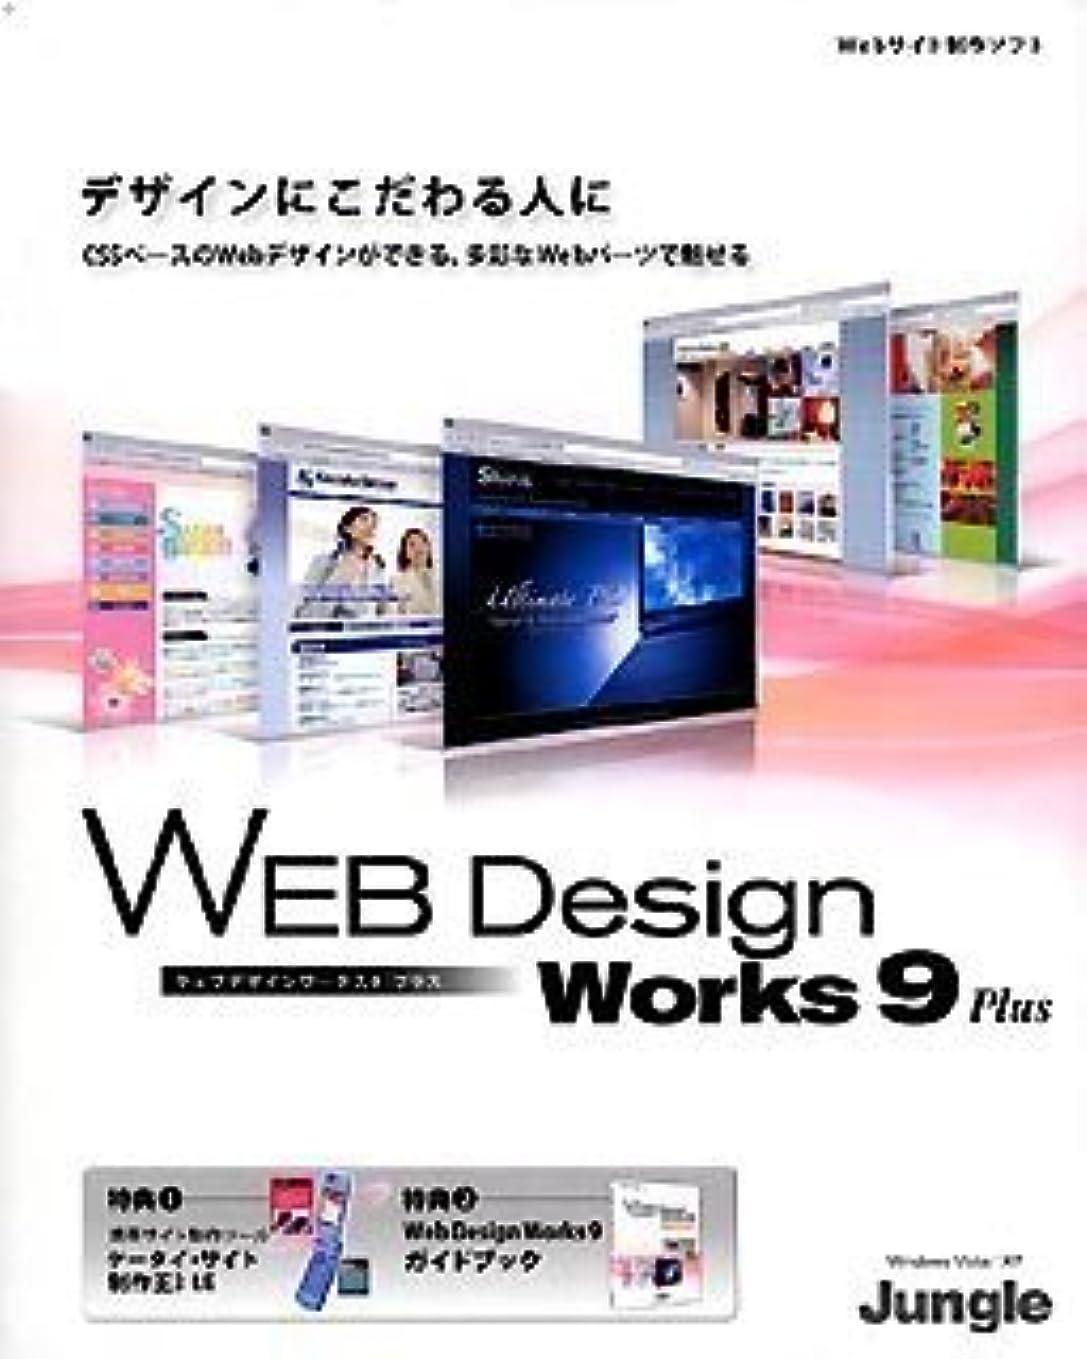 Web Design Works 9 Plus